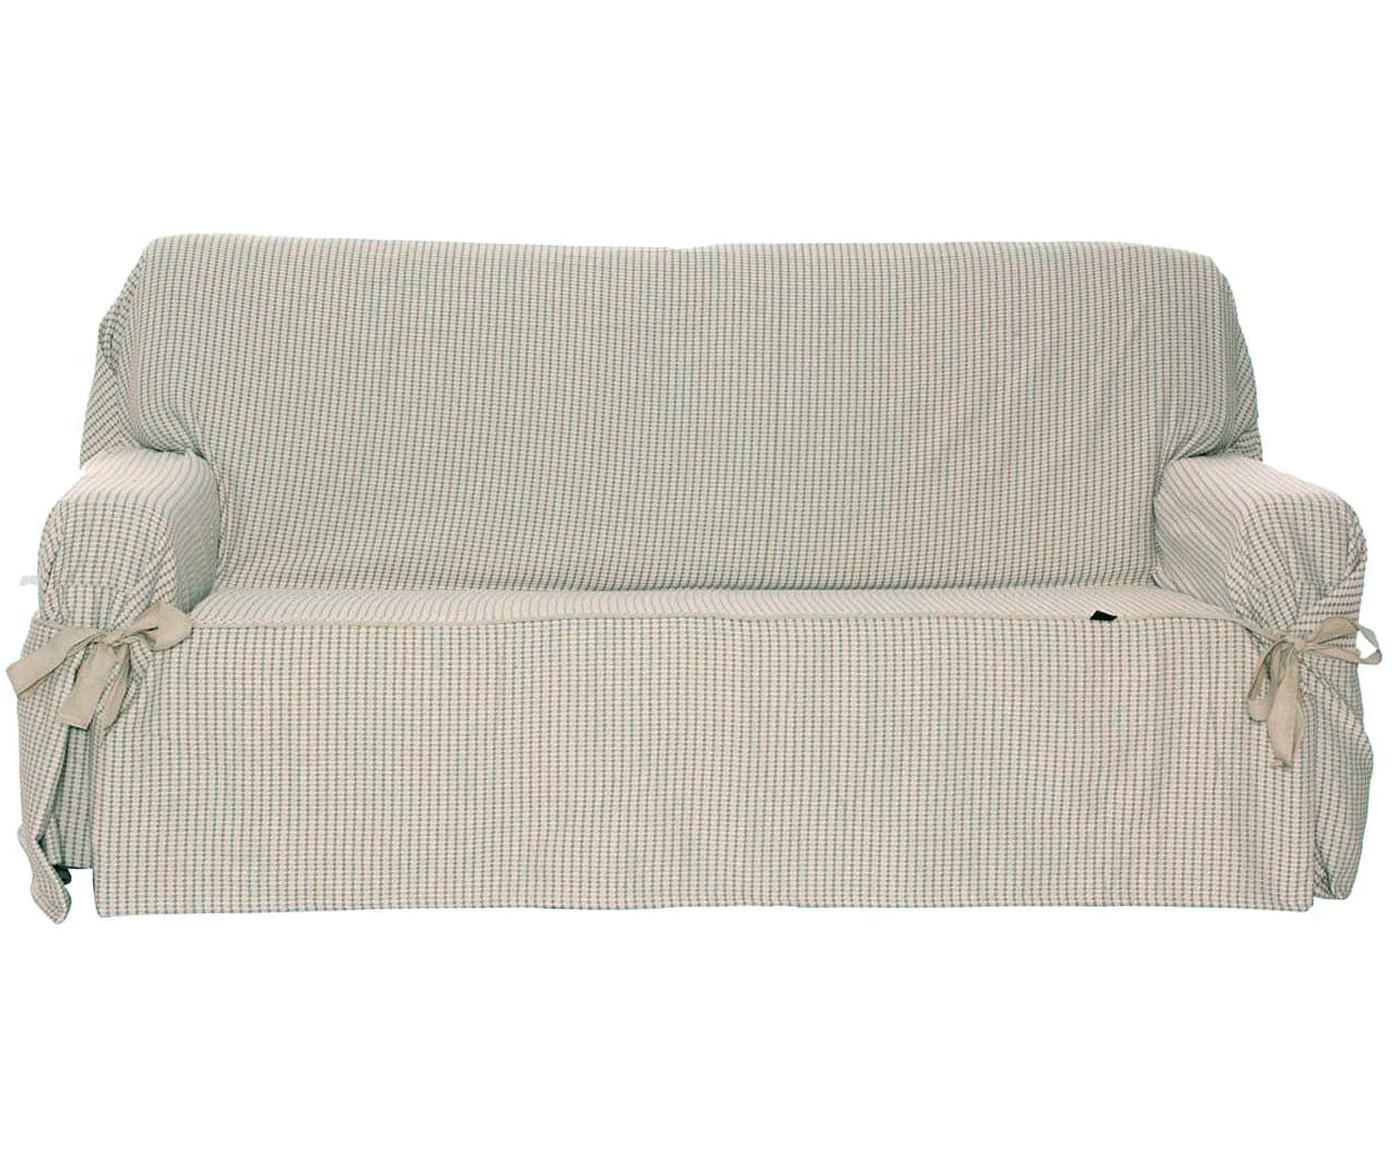 Funda de sofá Giovanna, Algodón sanforizado, Beige, crudo, 2 plazas (180 x 110cm)